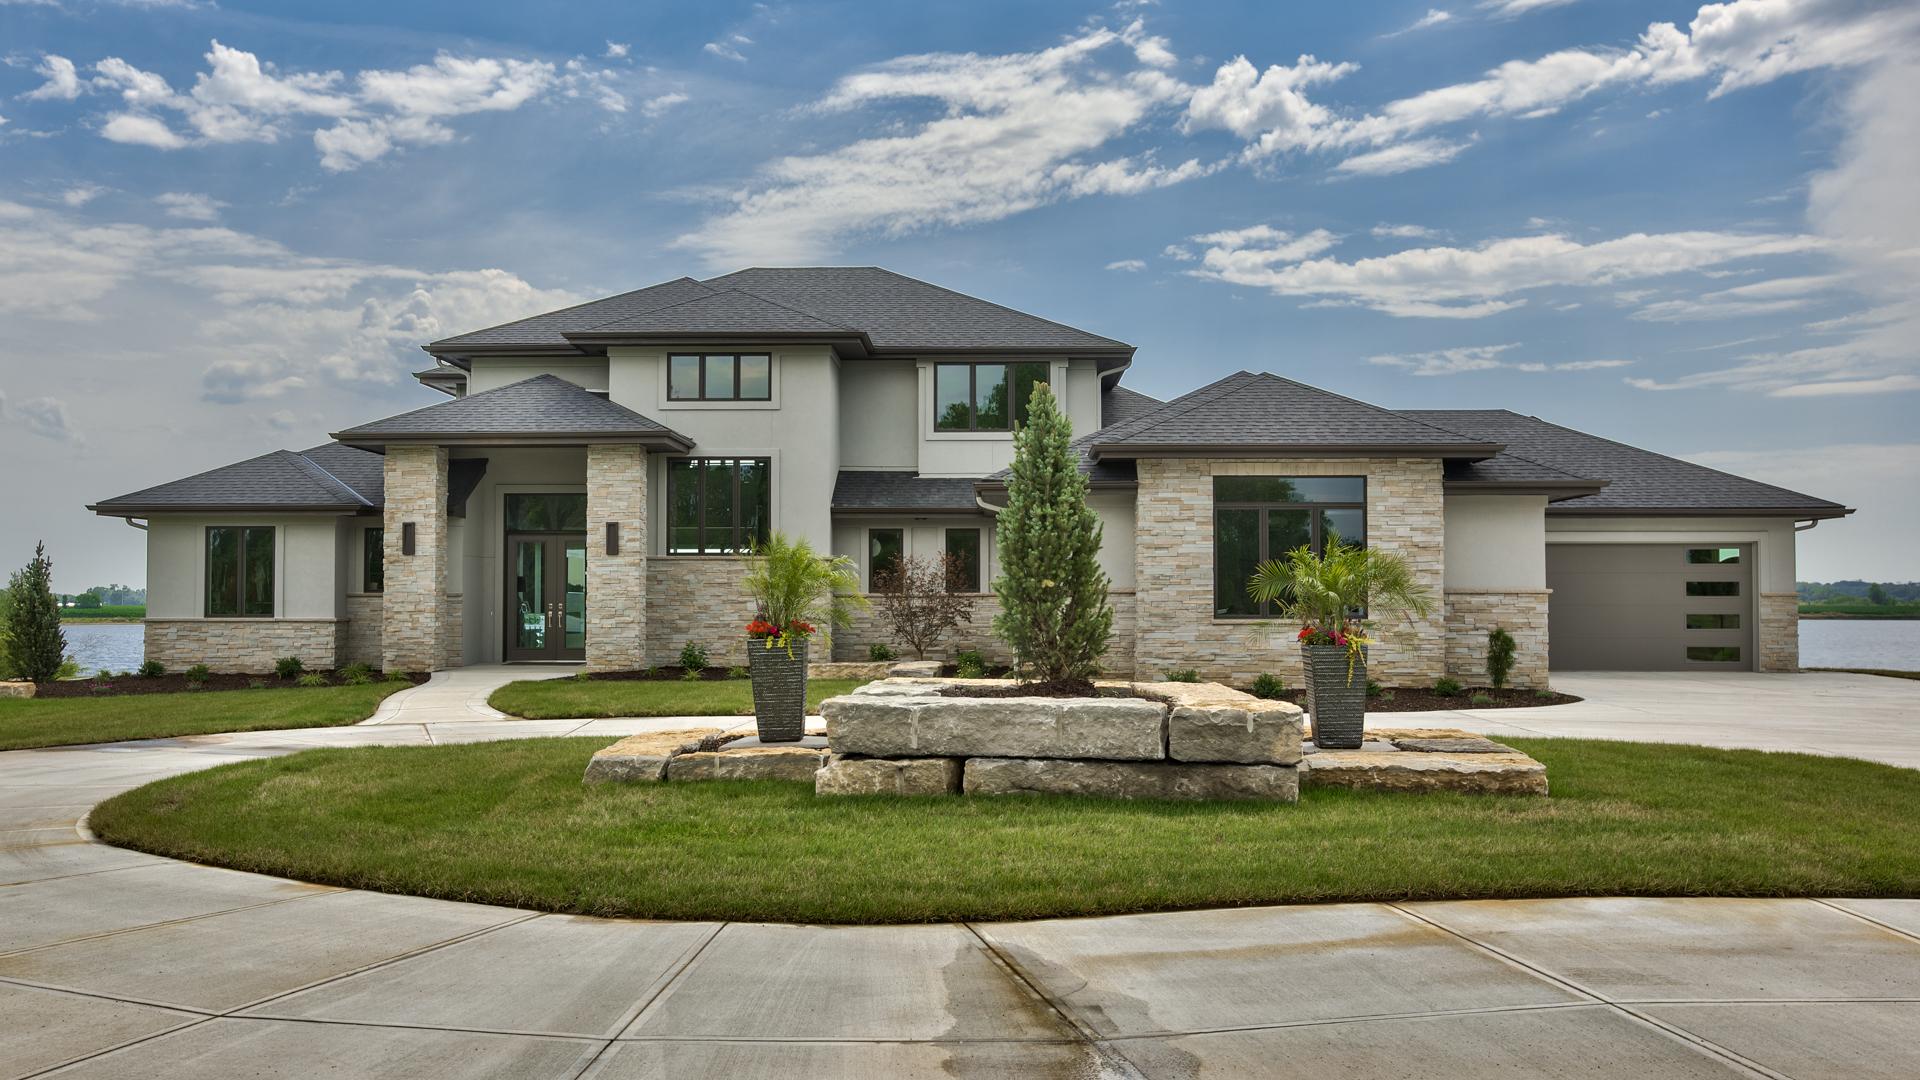 Nathan homes llc omaha nebraska for Nebraska home builders